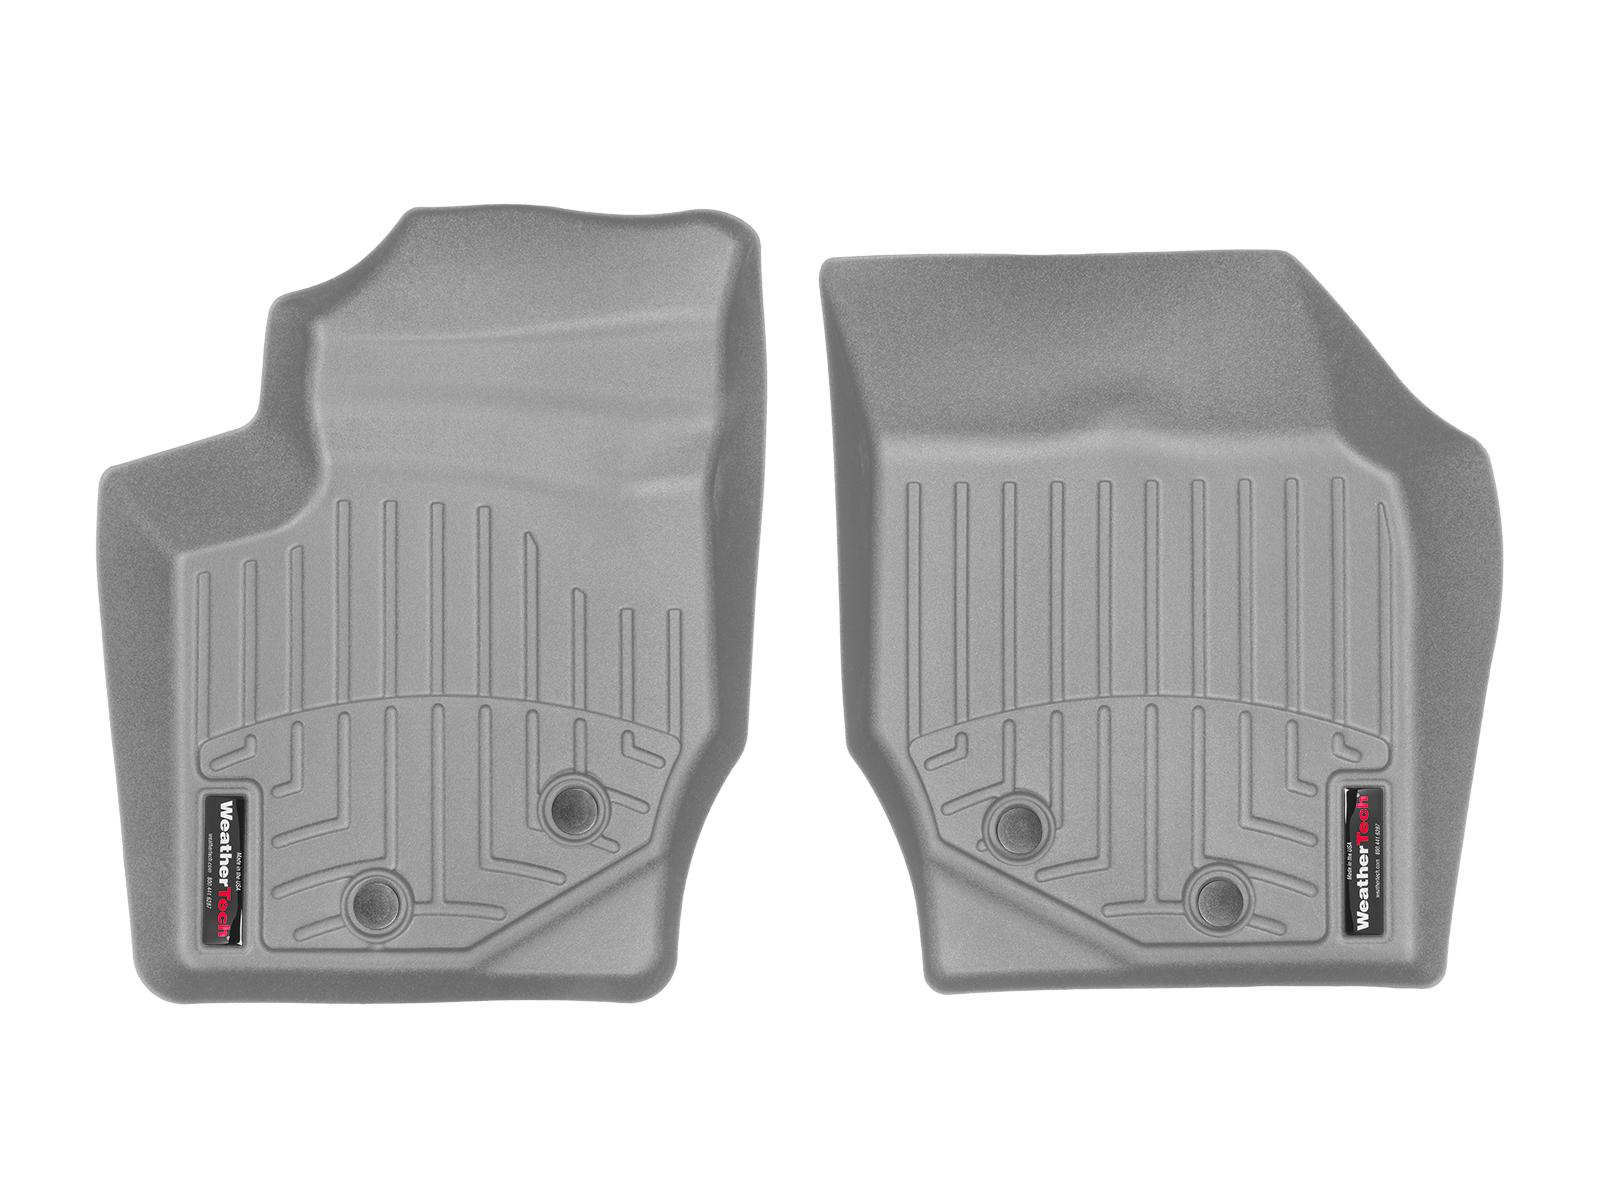 Tappeti gomma su misura bordo alto Volvo XC90 03>14 Grigio A4437*